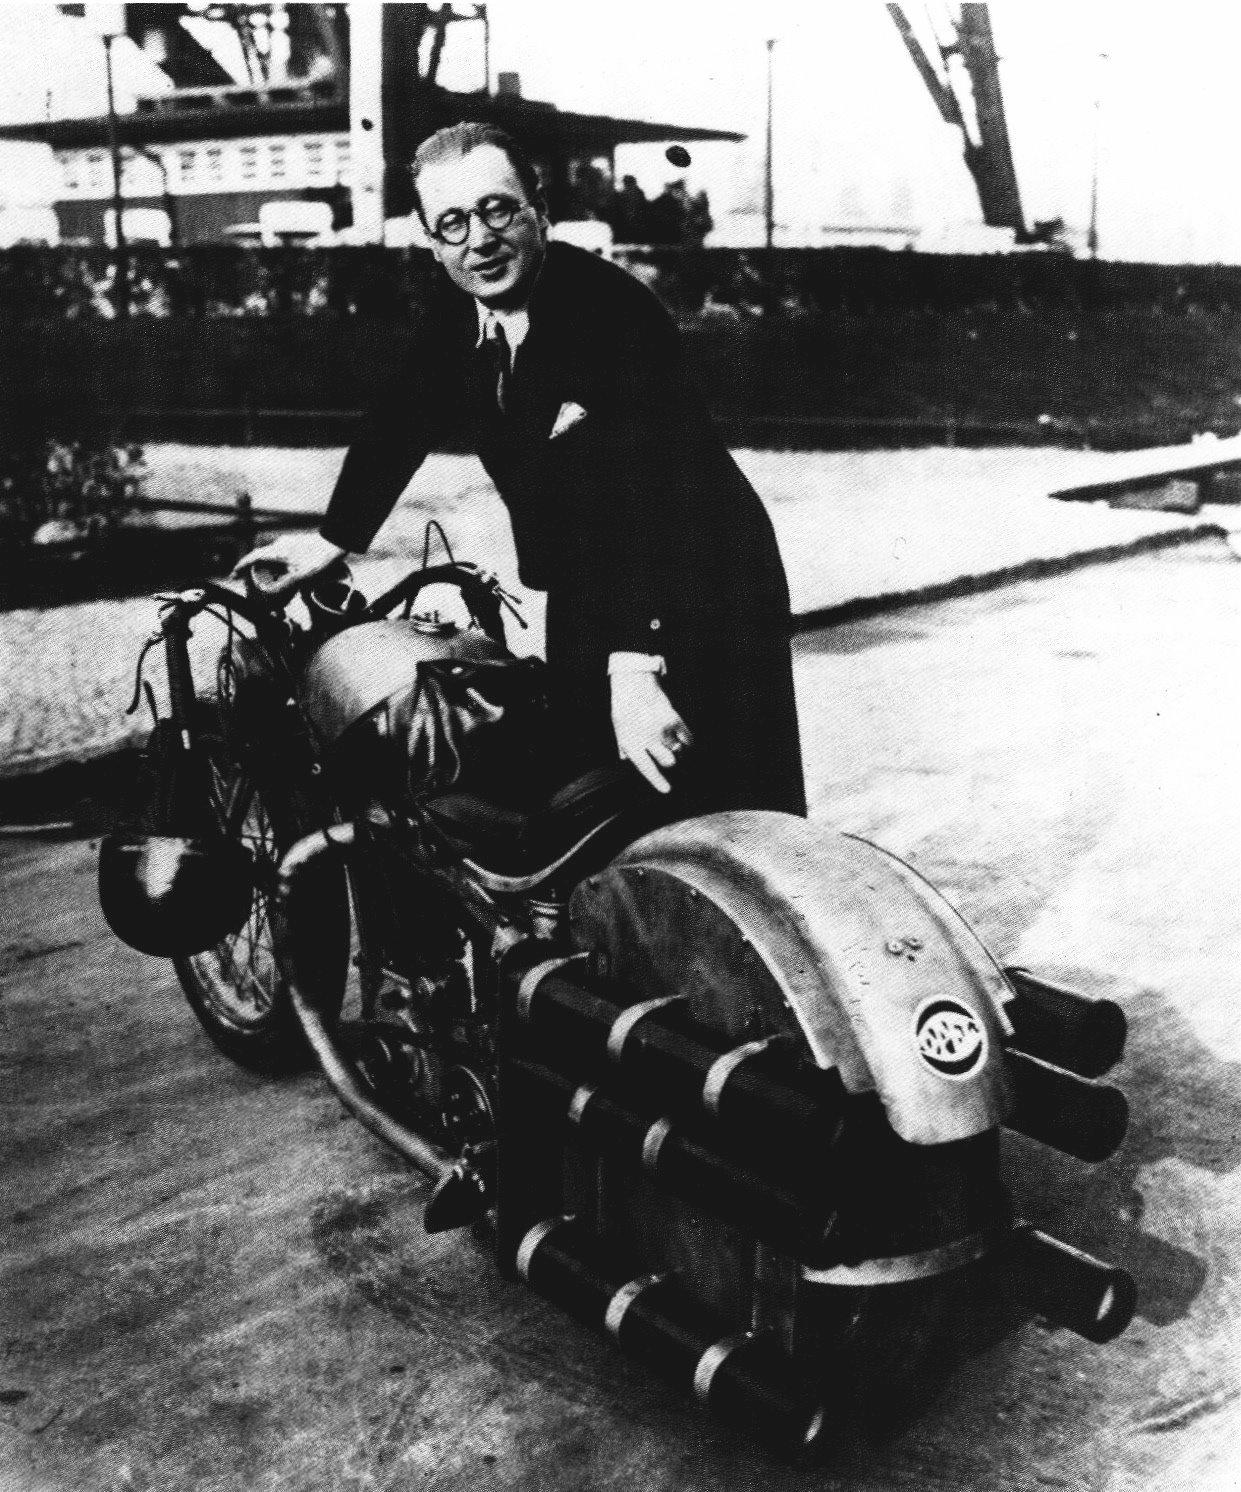 Fritz-Von-Opel-Rocket-Motorcycle.jpg